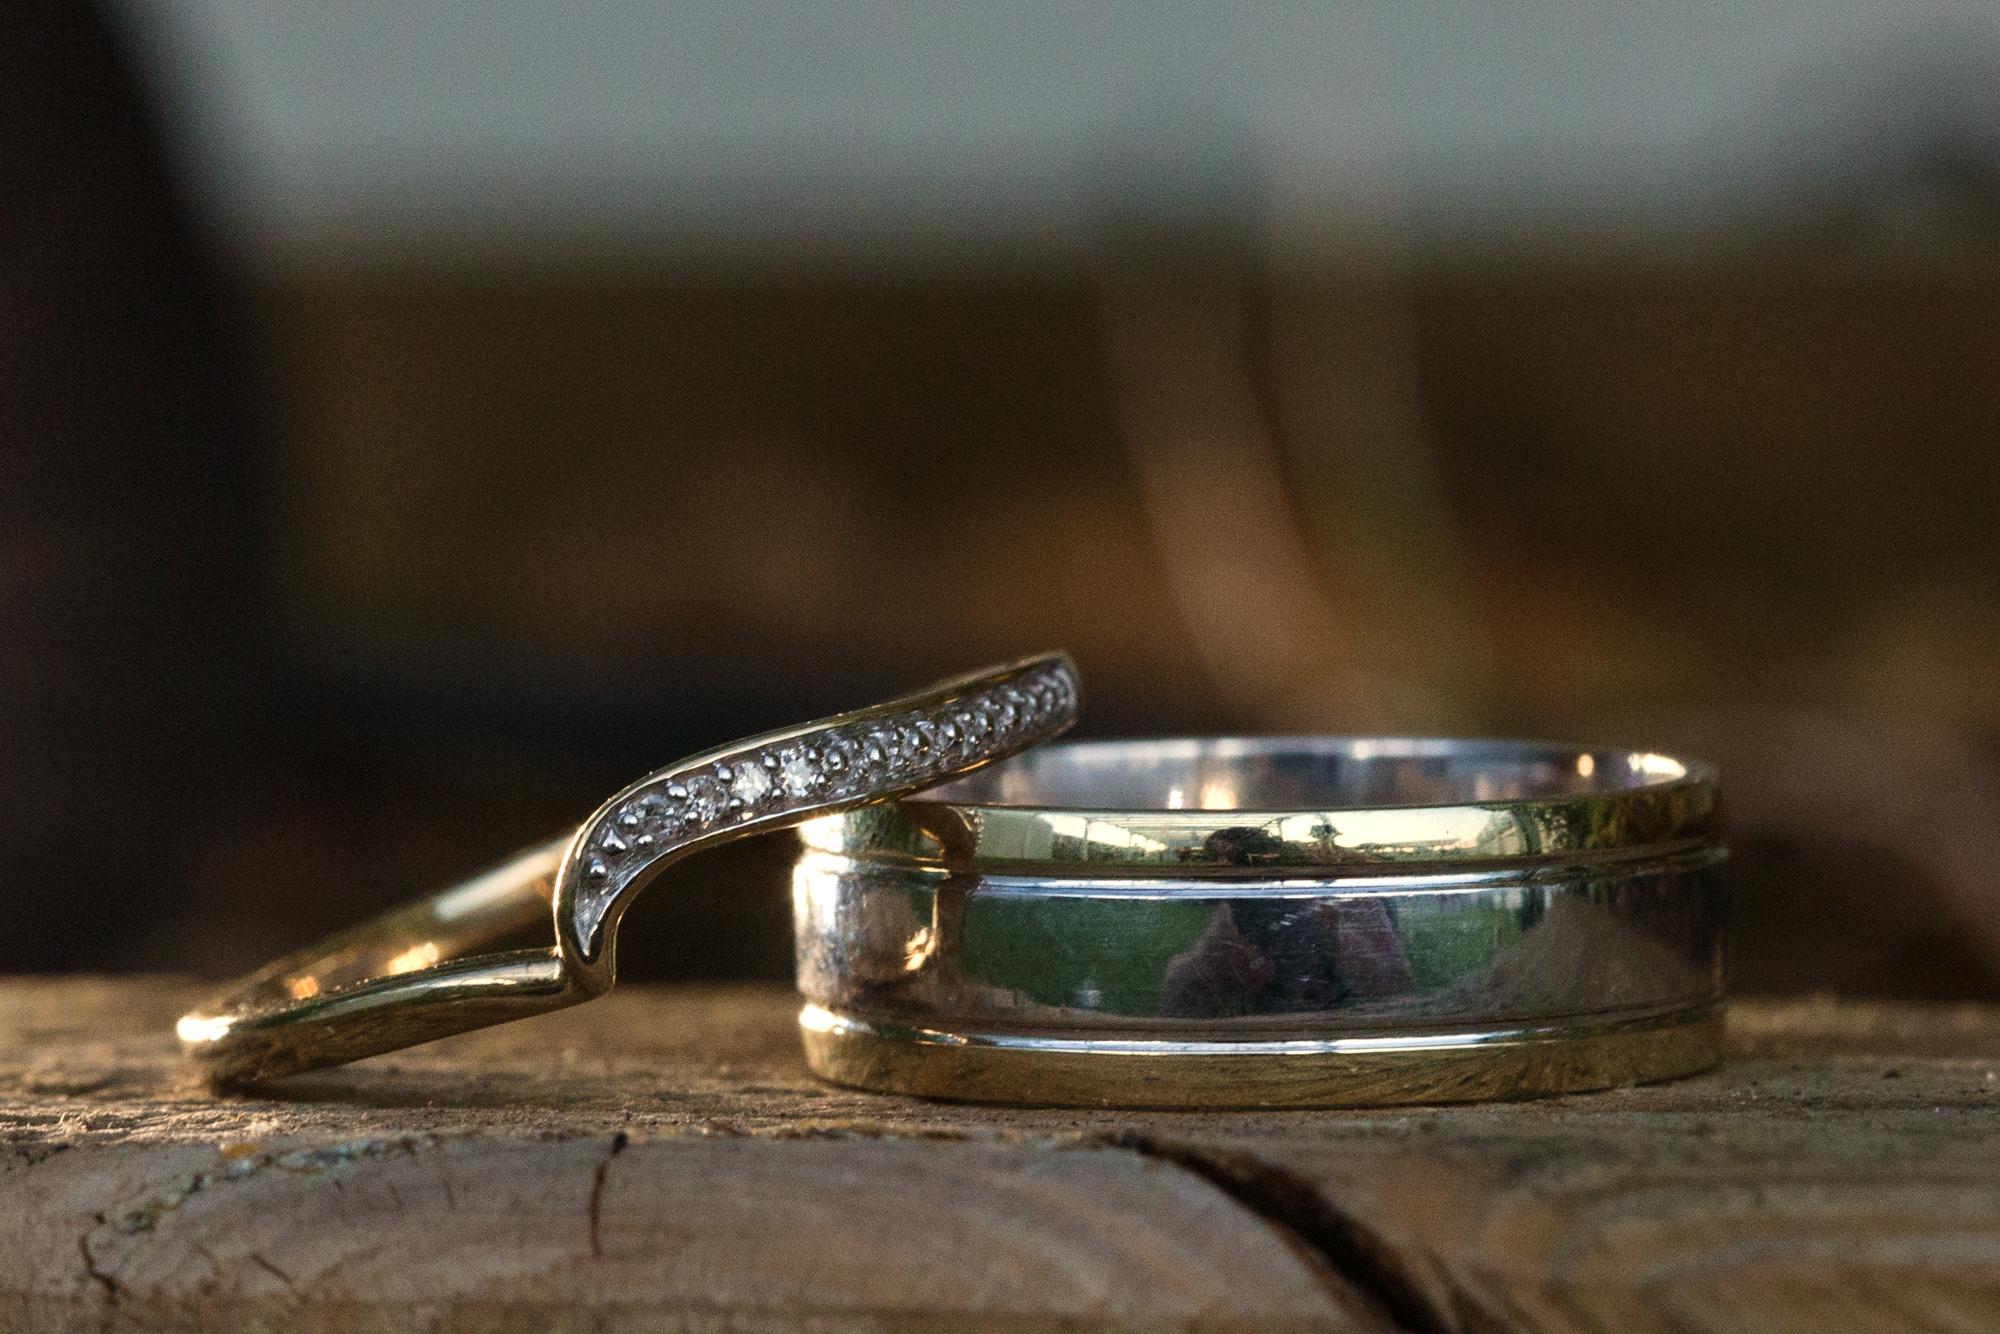 wedding rings taken in Ridgeway Golf club, Caerphilly mountain